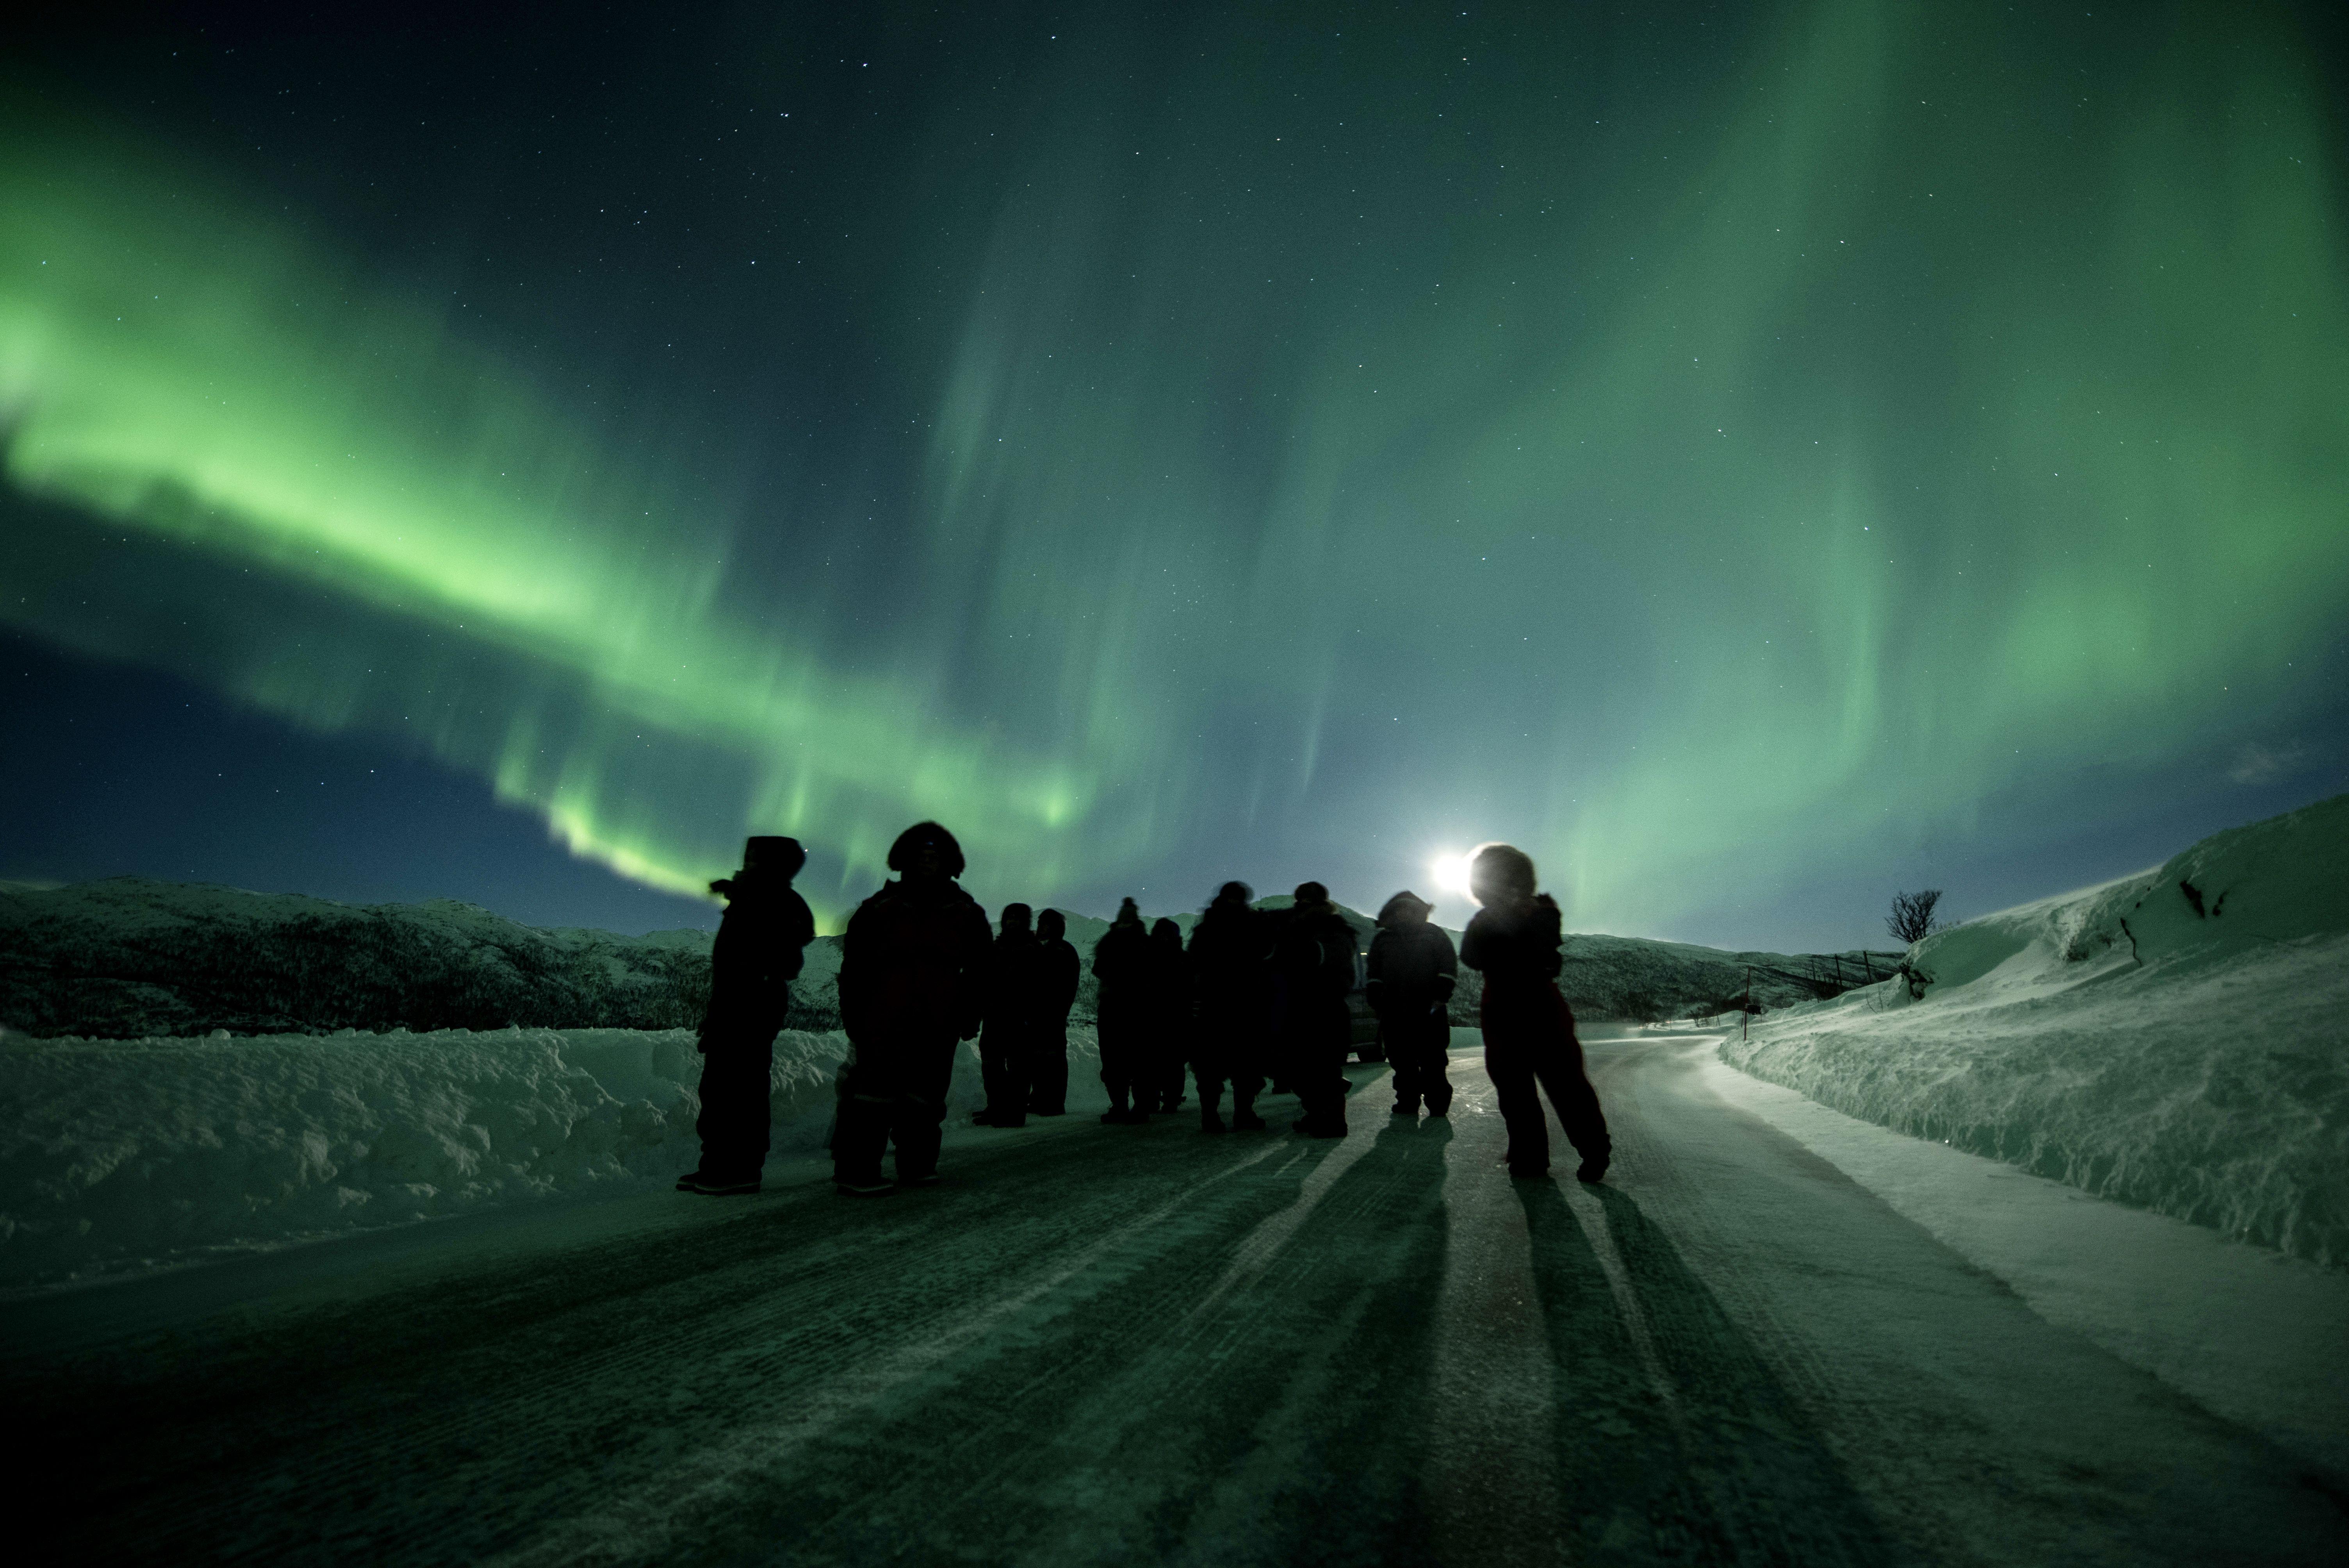 Norwegia. Polscy przewodnicy szukają całymi nocami zorzy